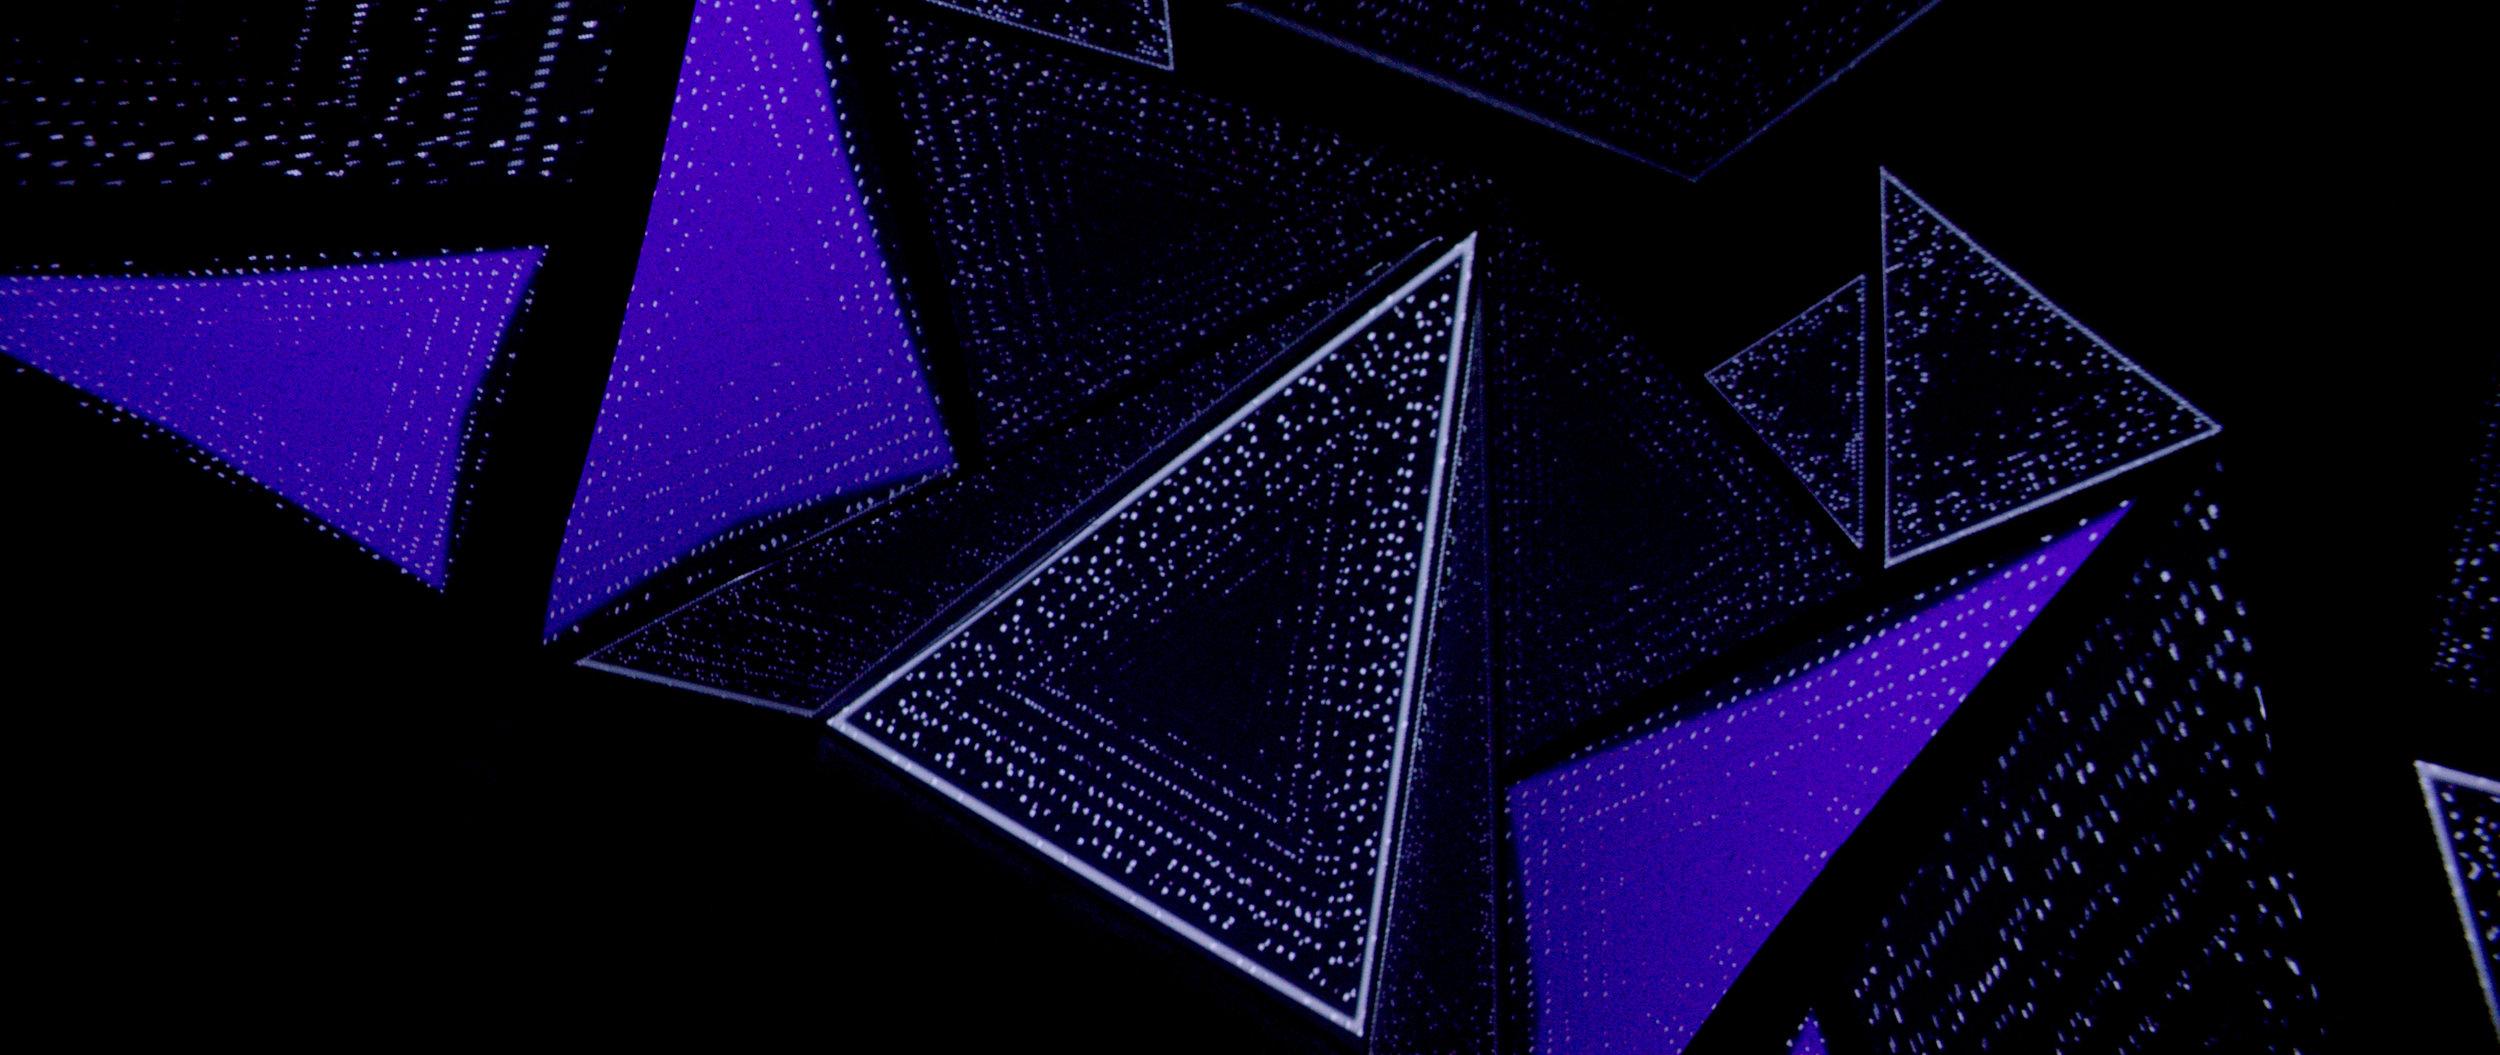 triangleroom_07.jpg